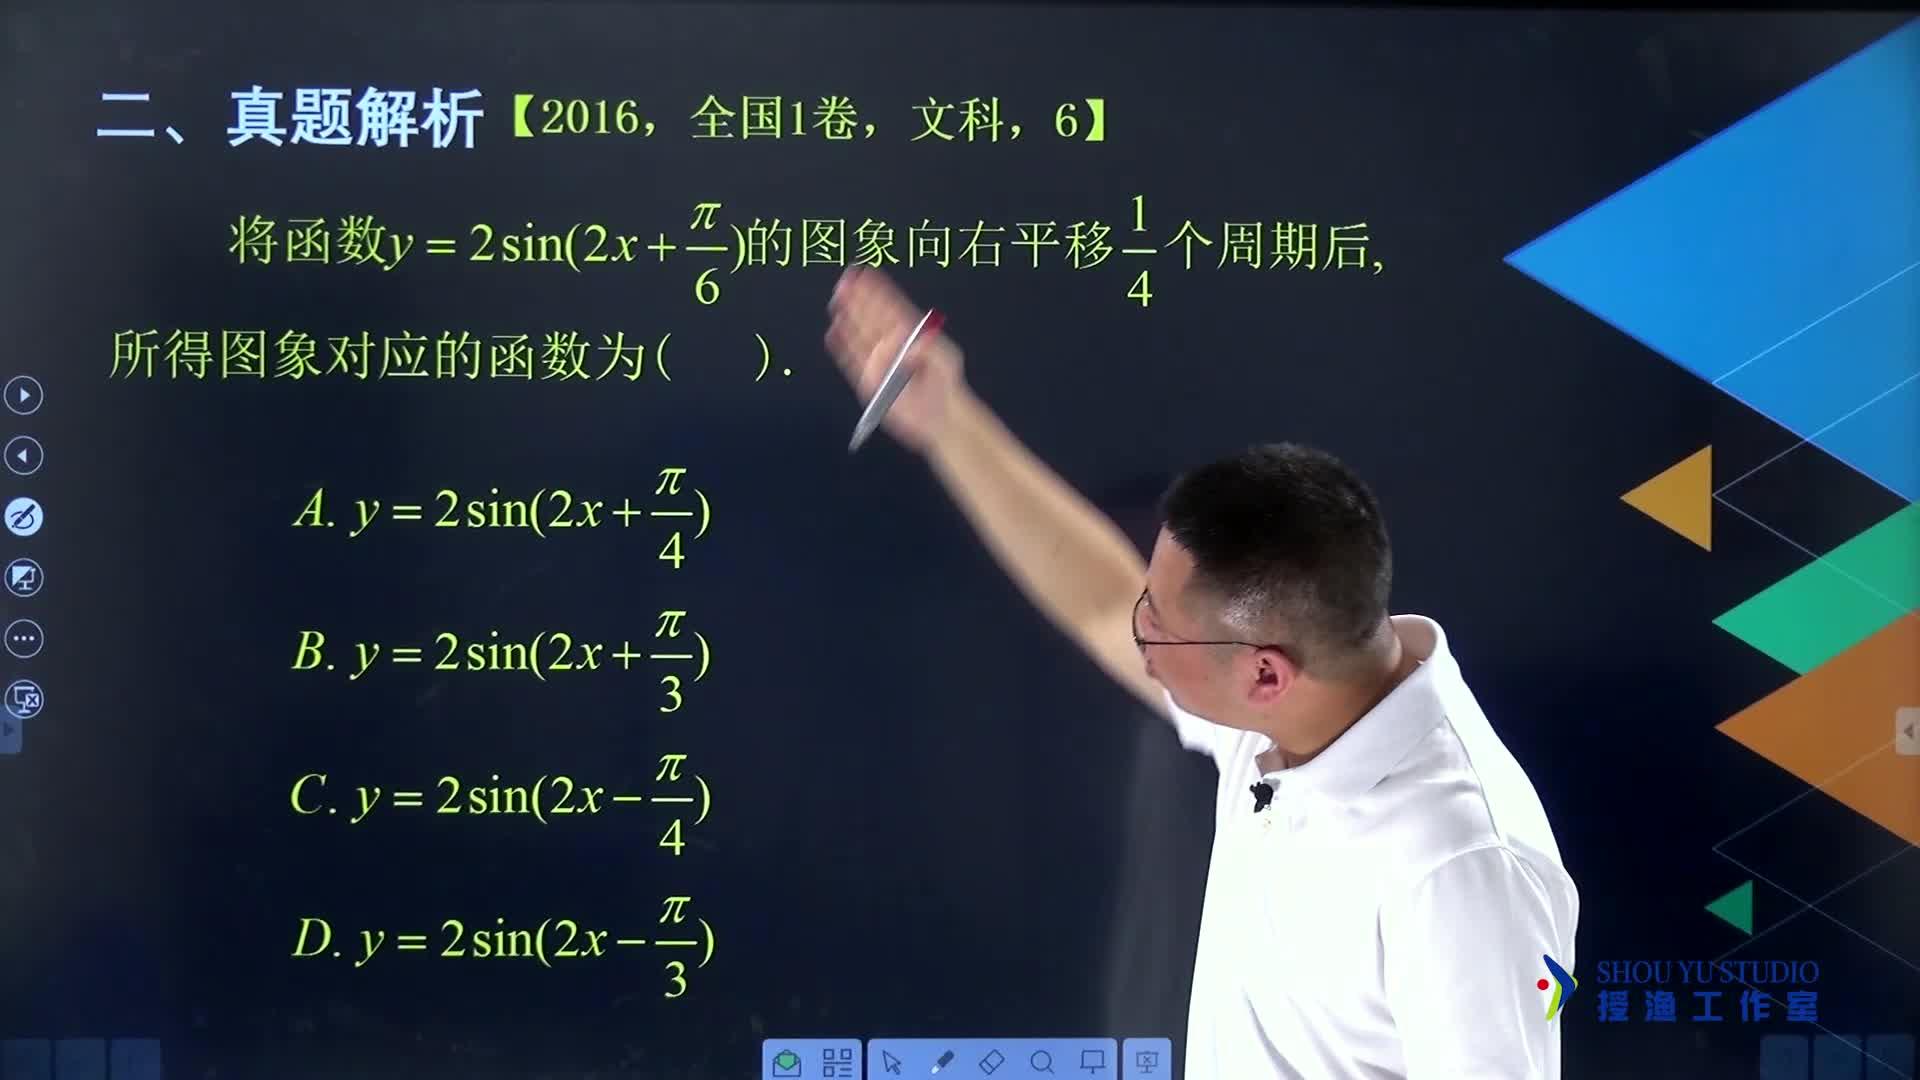 真题解析02 三角函数的图像变换-高考数学真题?#31471;?#21313;二章经?#26041;?#23494;刷题的真相(视频)